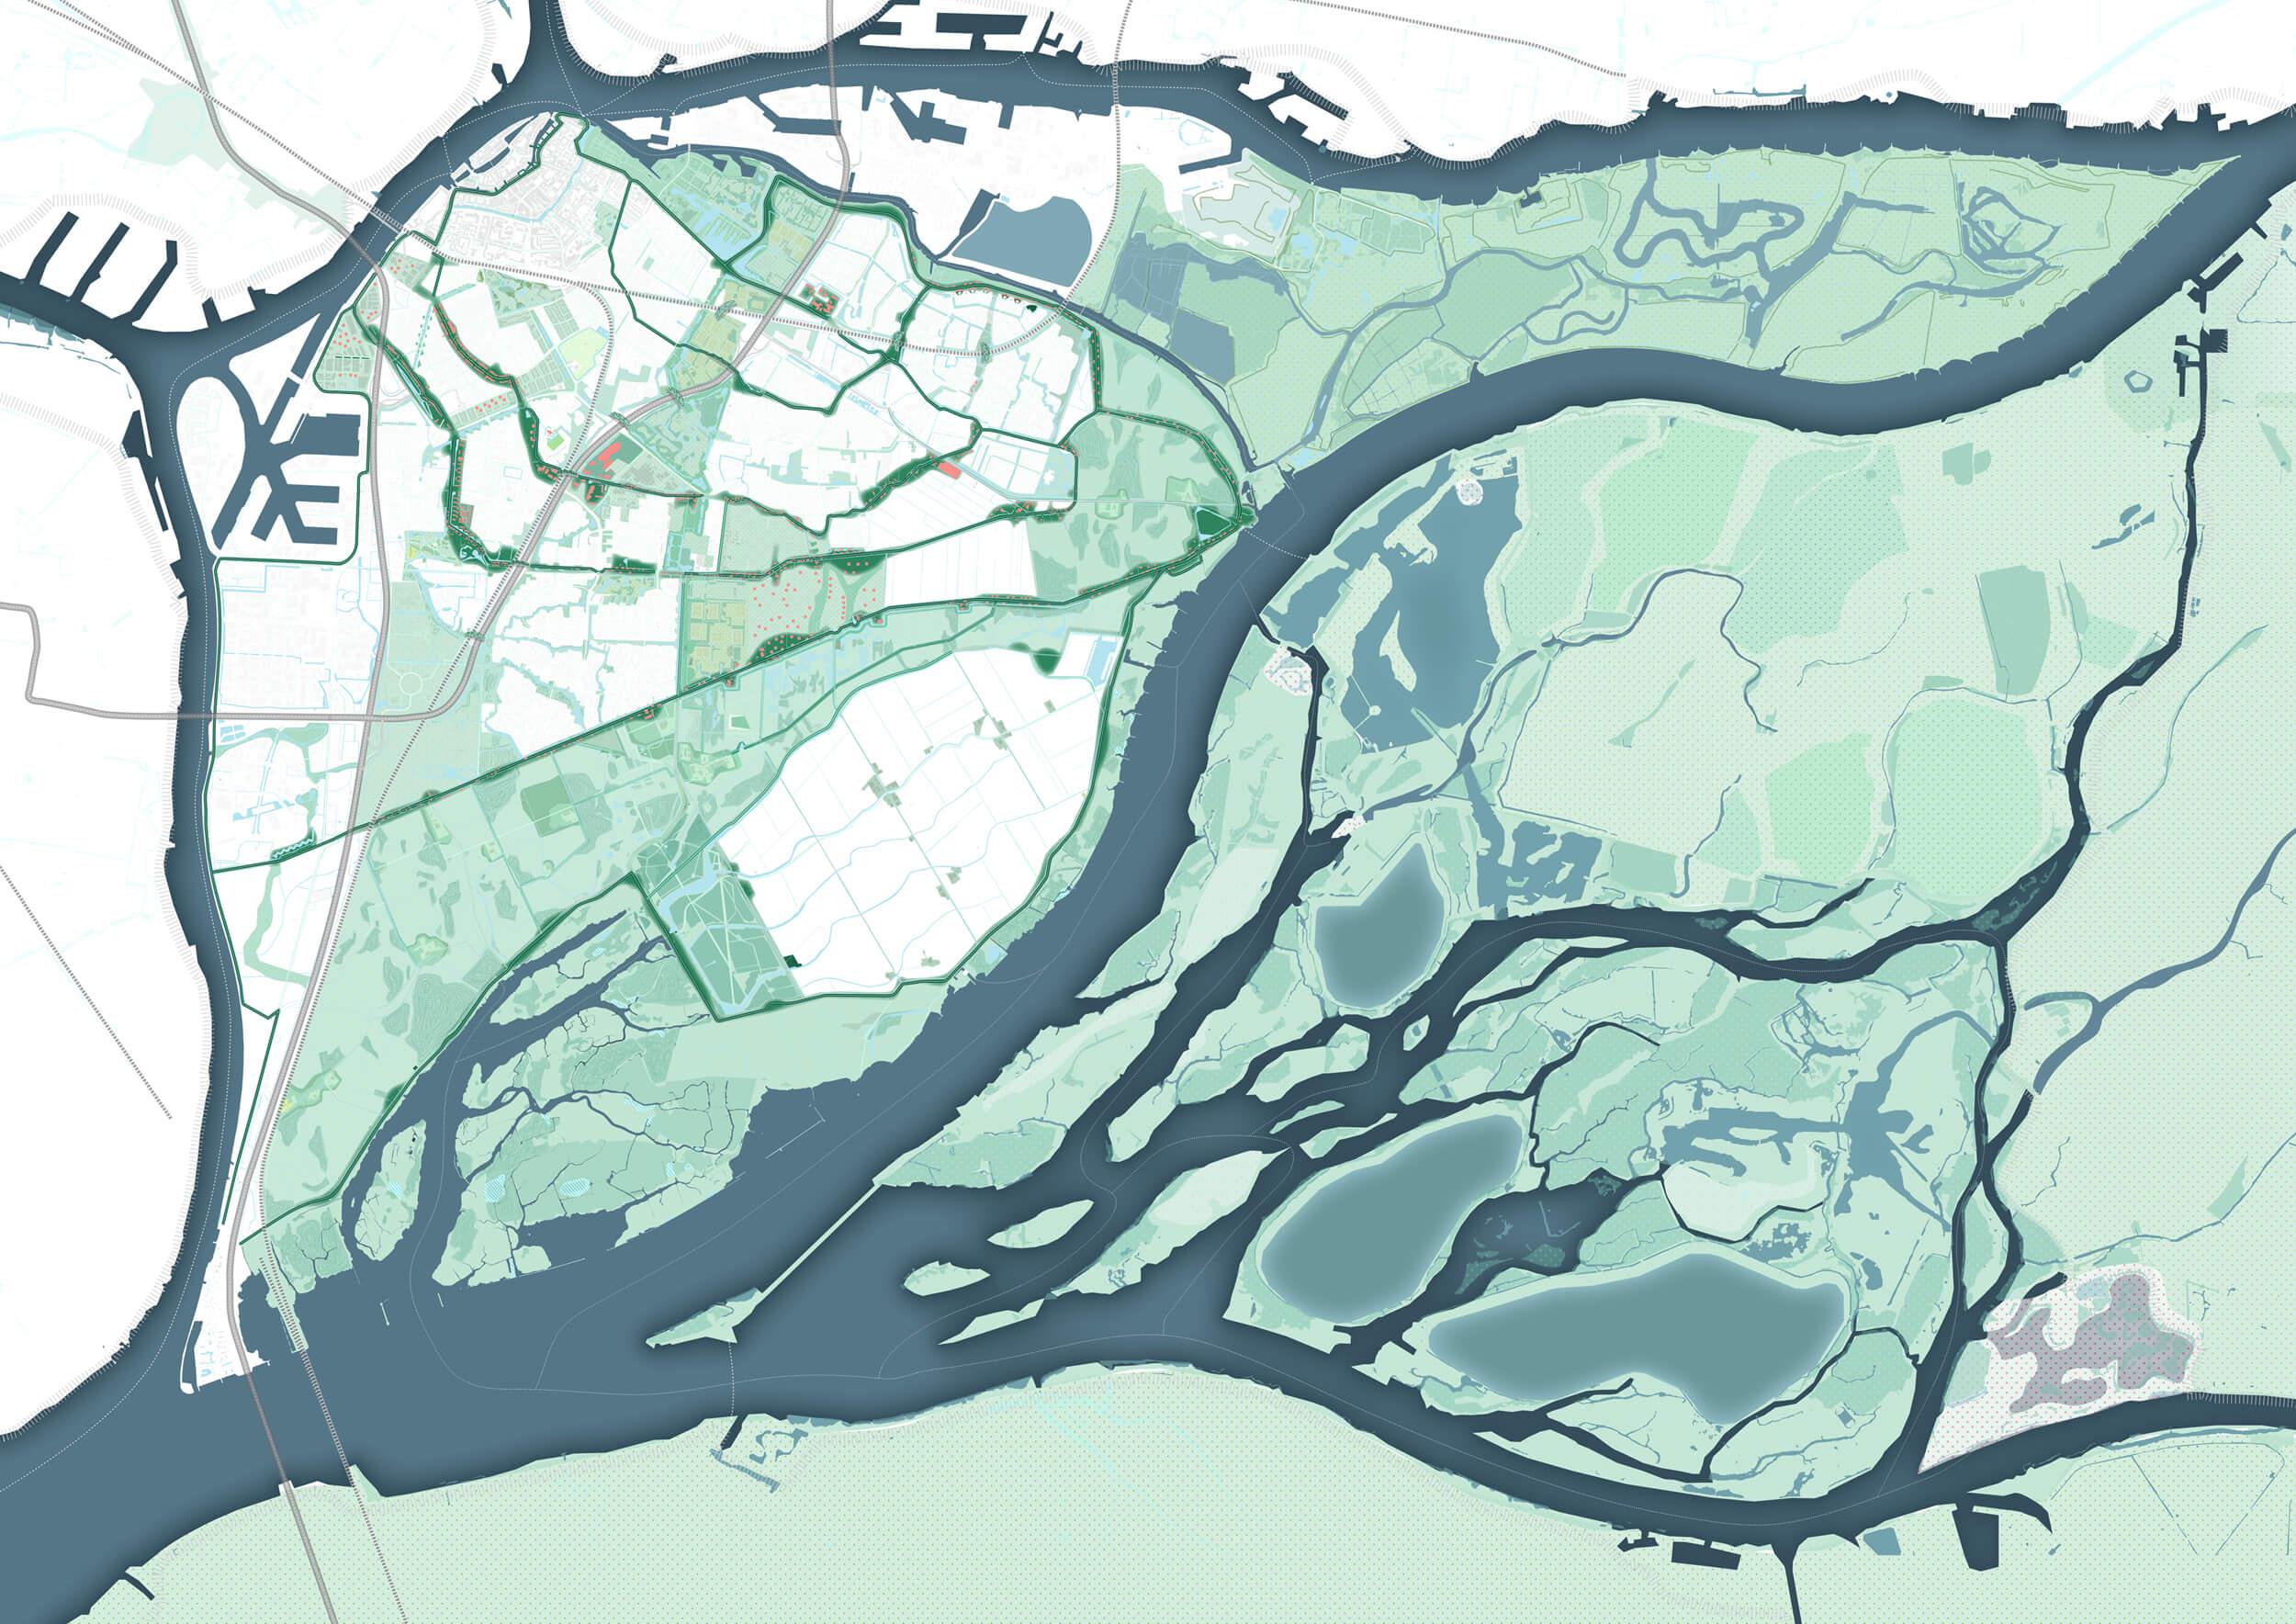 felixx-isleofdikes-modelbiesbosch.jpg